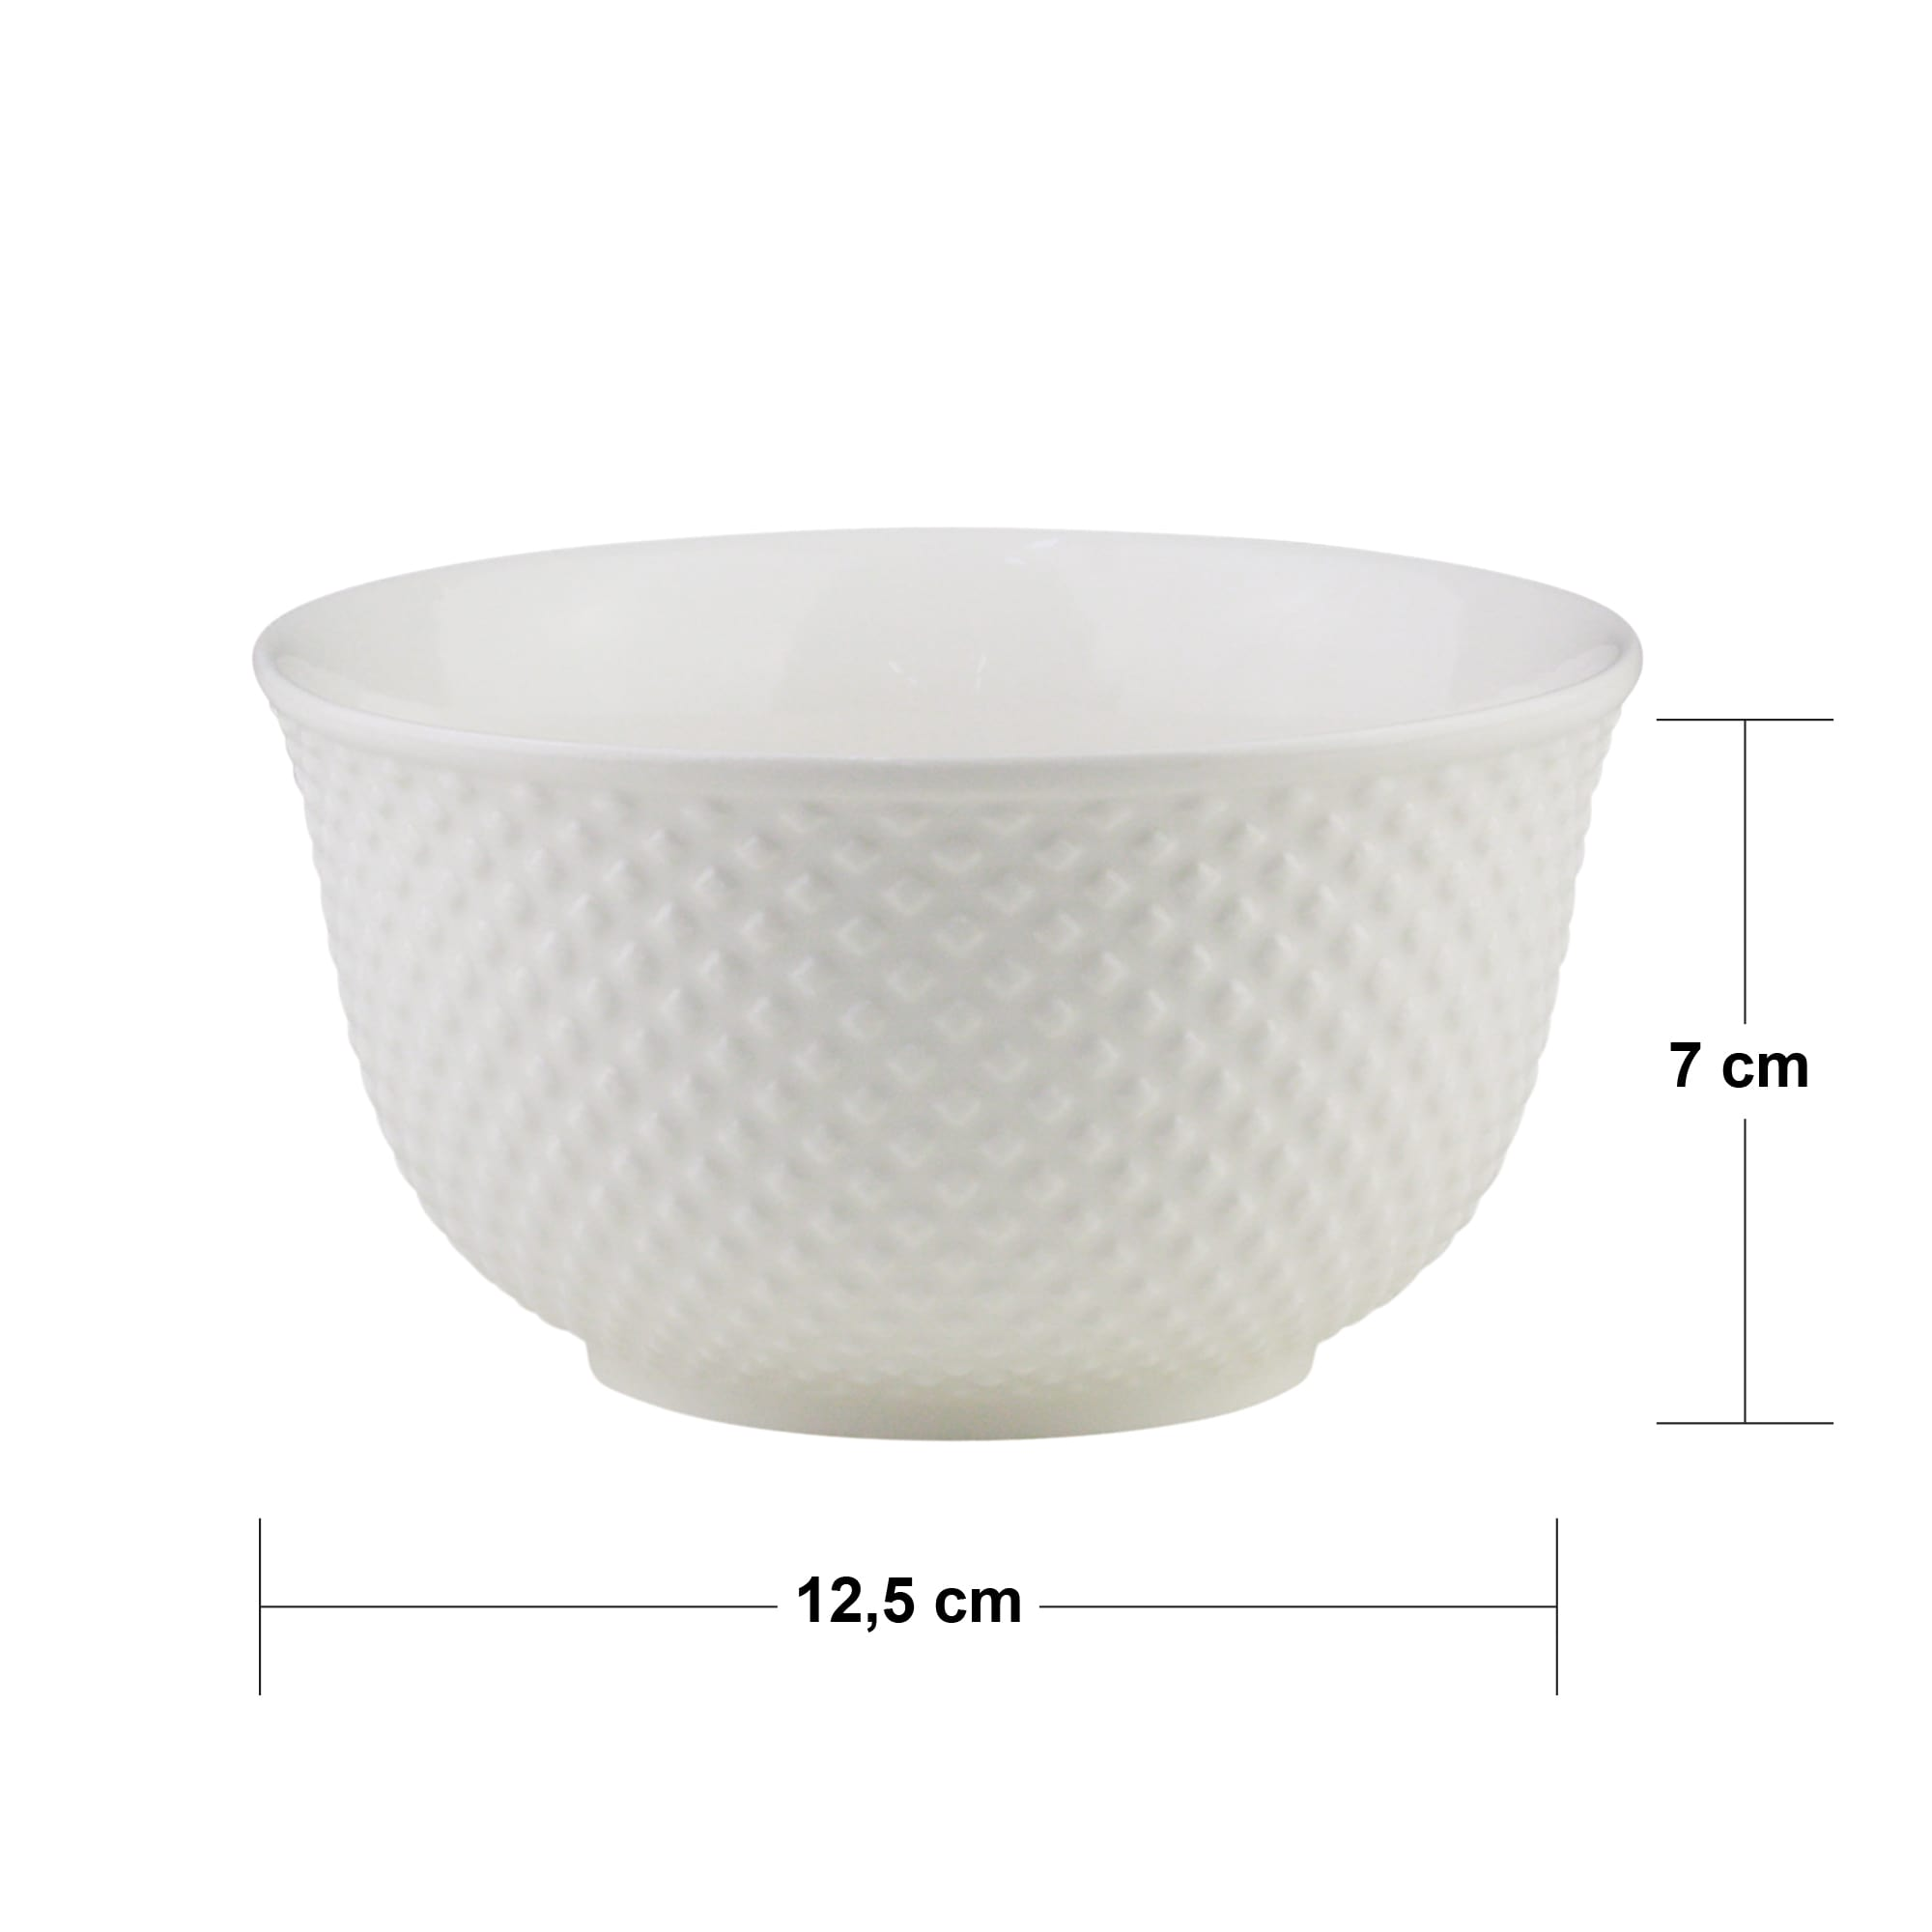 Bowl de Porcelana New Bone Dots Branco 12,5 x 7 cm